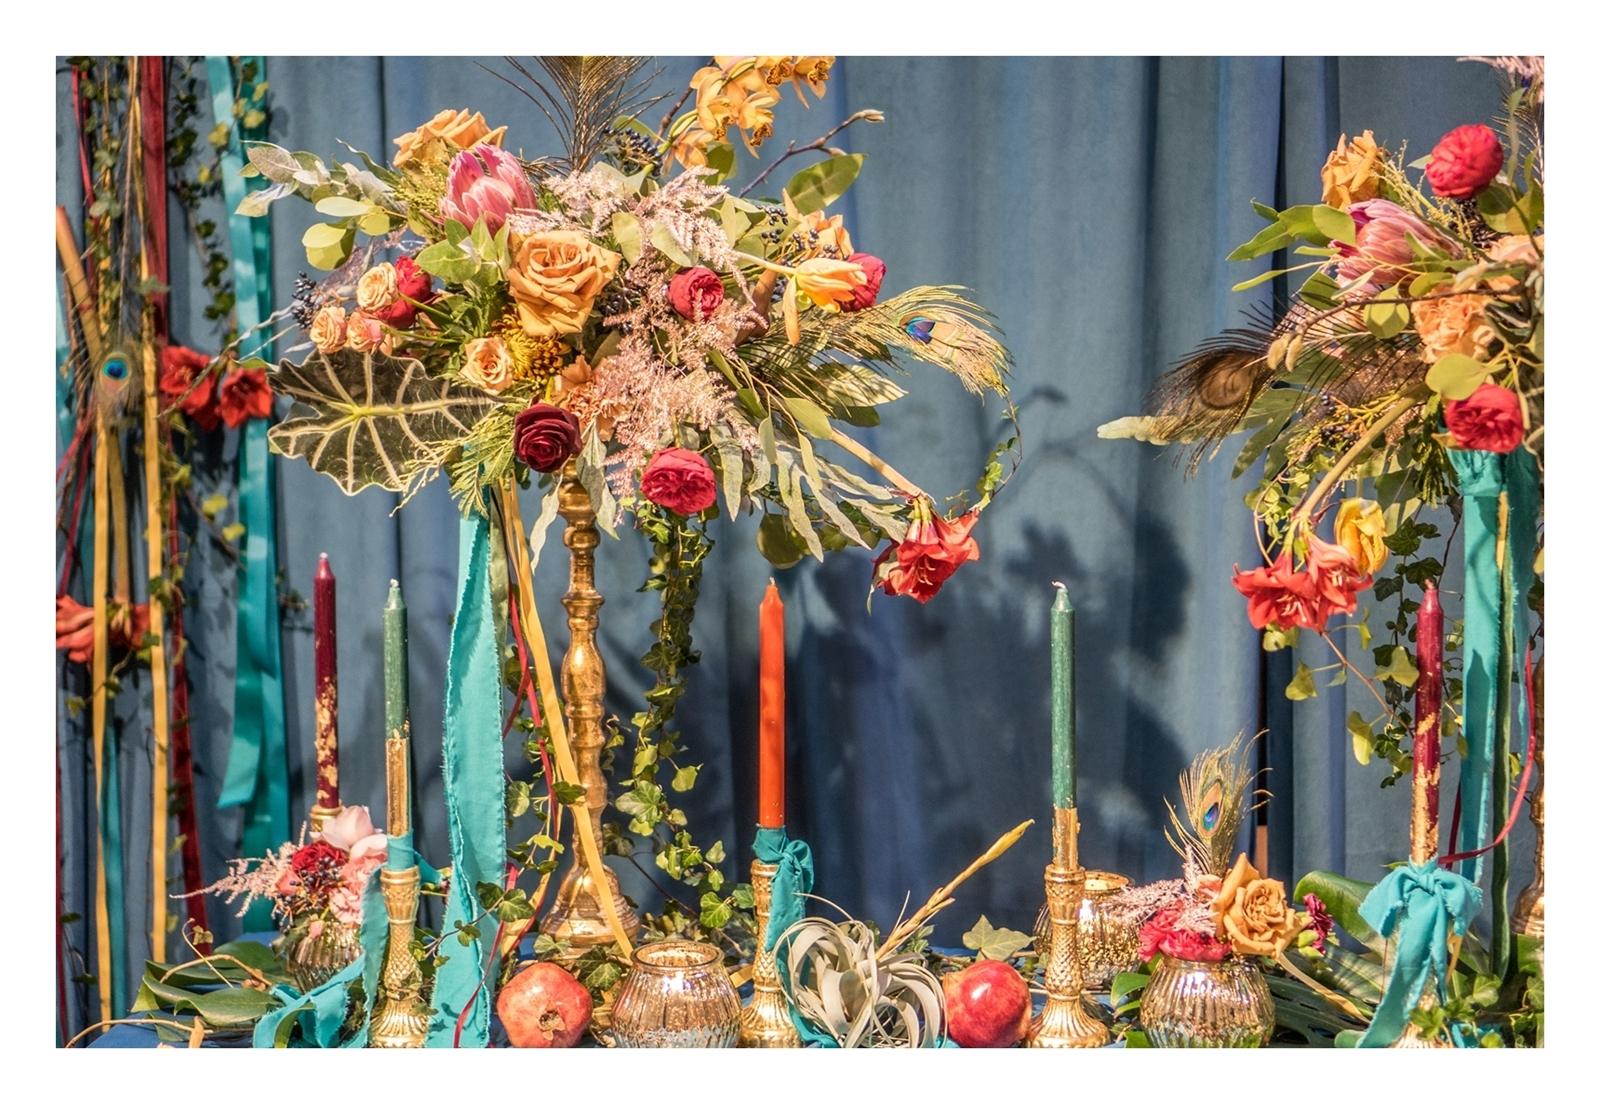 1 OFF WEDDING - Alternatywne Targi ślubne papeteria. biżuteria ślubna, dodatki ślubne, boho dekoracje , kwiaty na ślub i wesele, warszawa, łódź, romantczne, naturalne, nietypowe papeterie ślubne